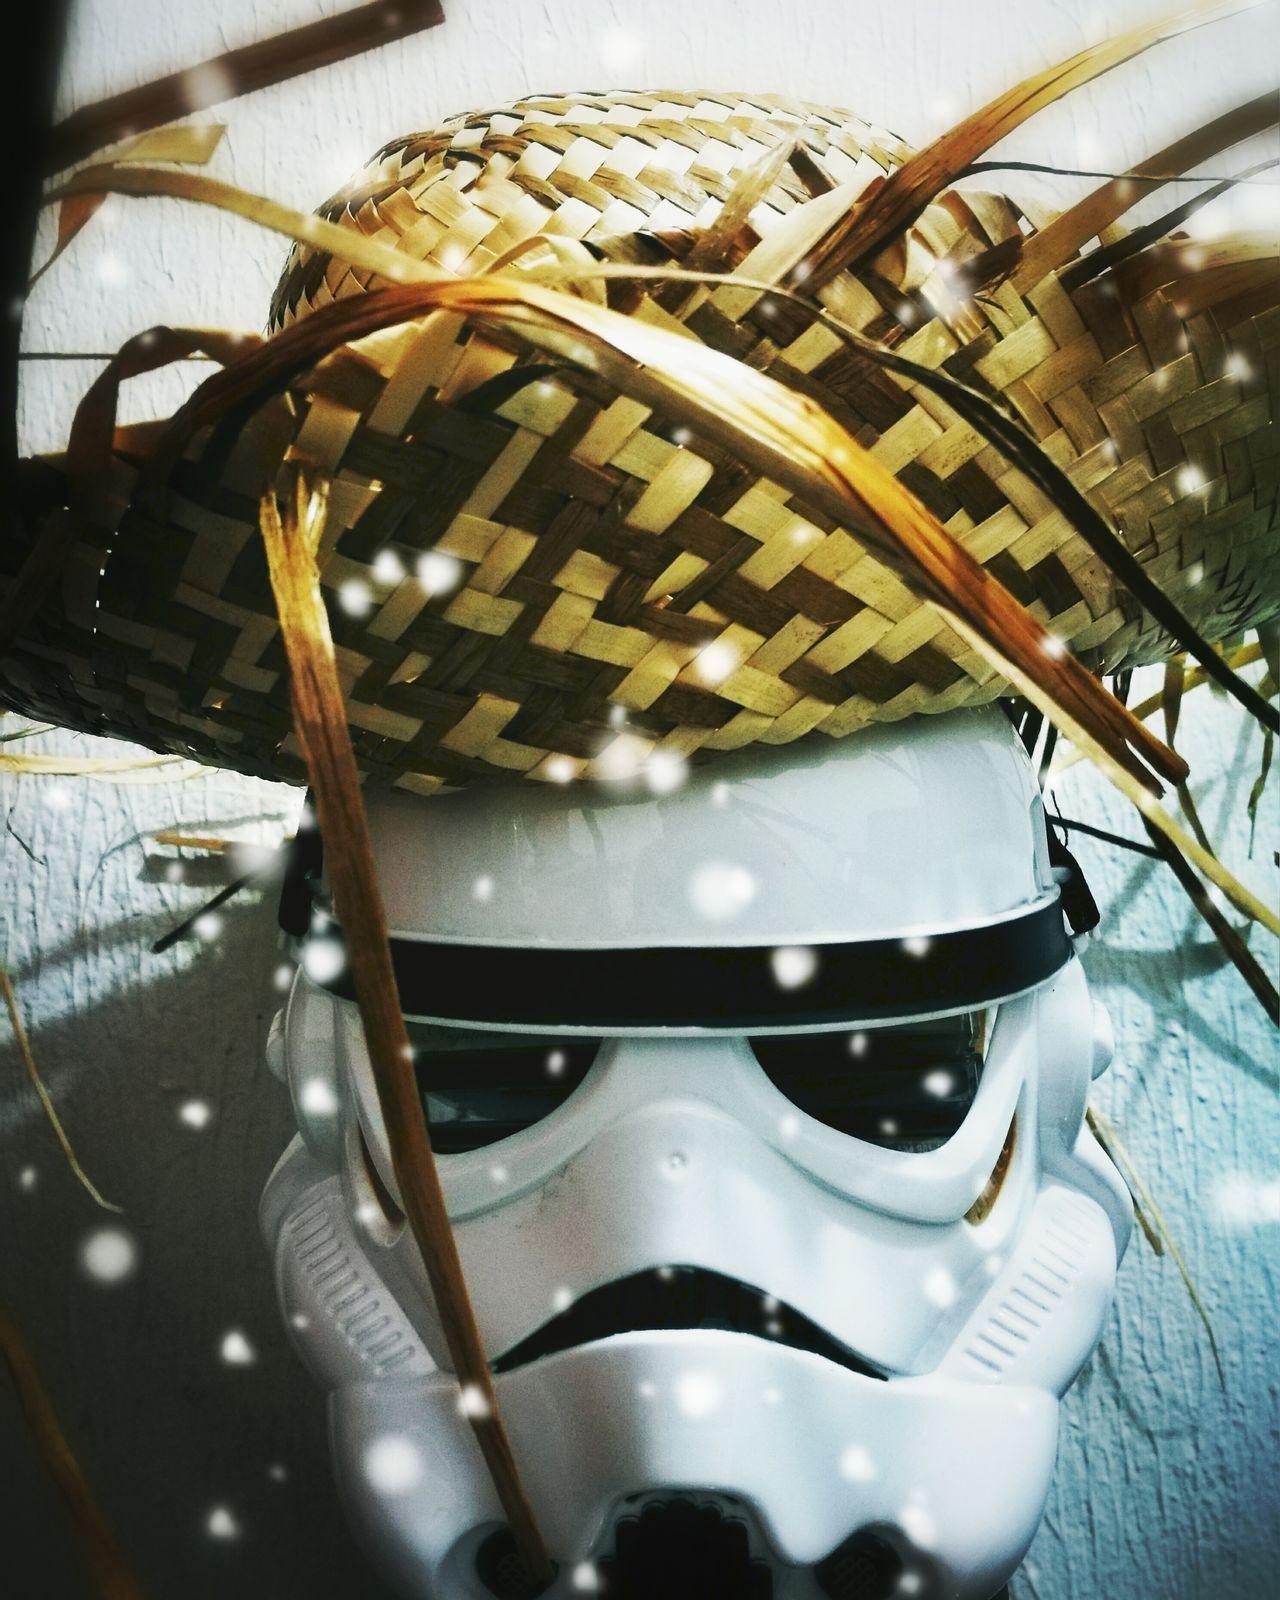 Let it begin December! Stormtrooper December Starwars Vacation Merry Christmas Good Morning Enjoying Life Costa Rica Pura Vida ✌ Vacations